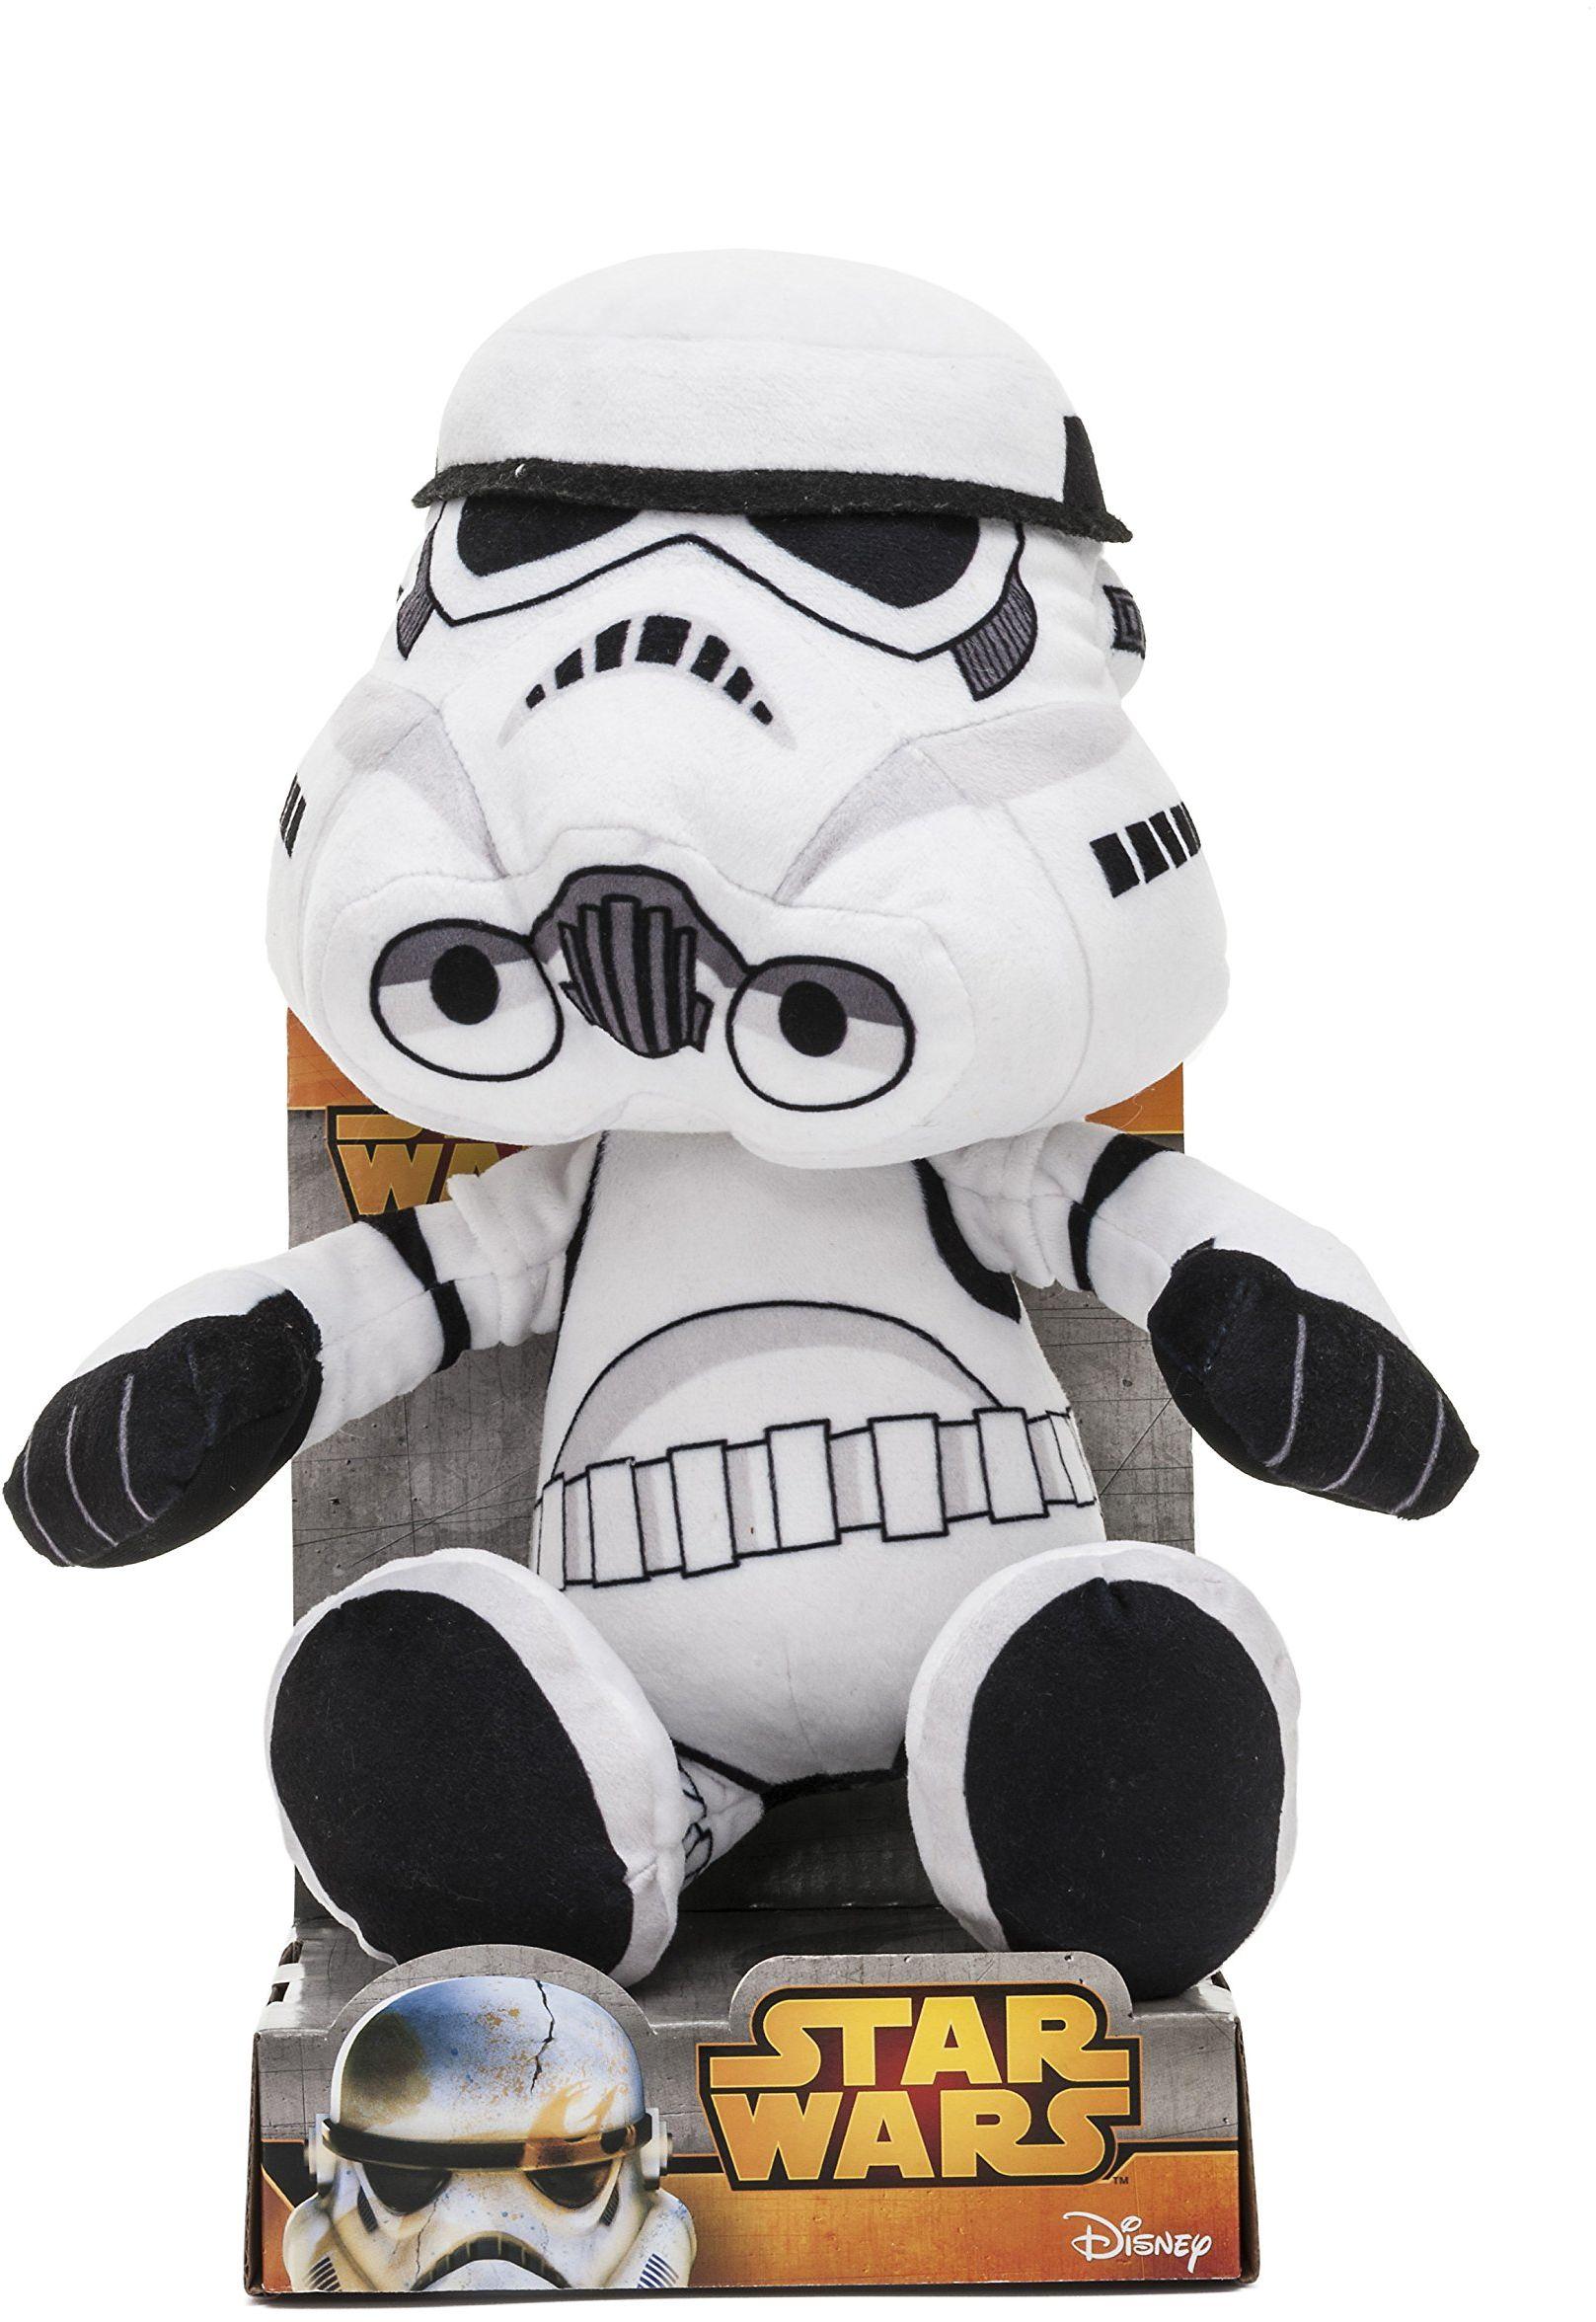 Joy Toy 1400621 25 cm Gwiezdne Wojny Sztorm Trooper Velboa aksamitna pluszowa zabawka w pudełku wystawowym